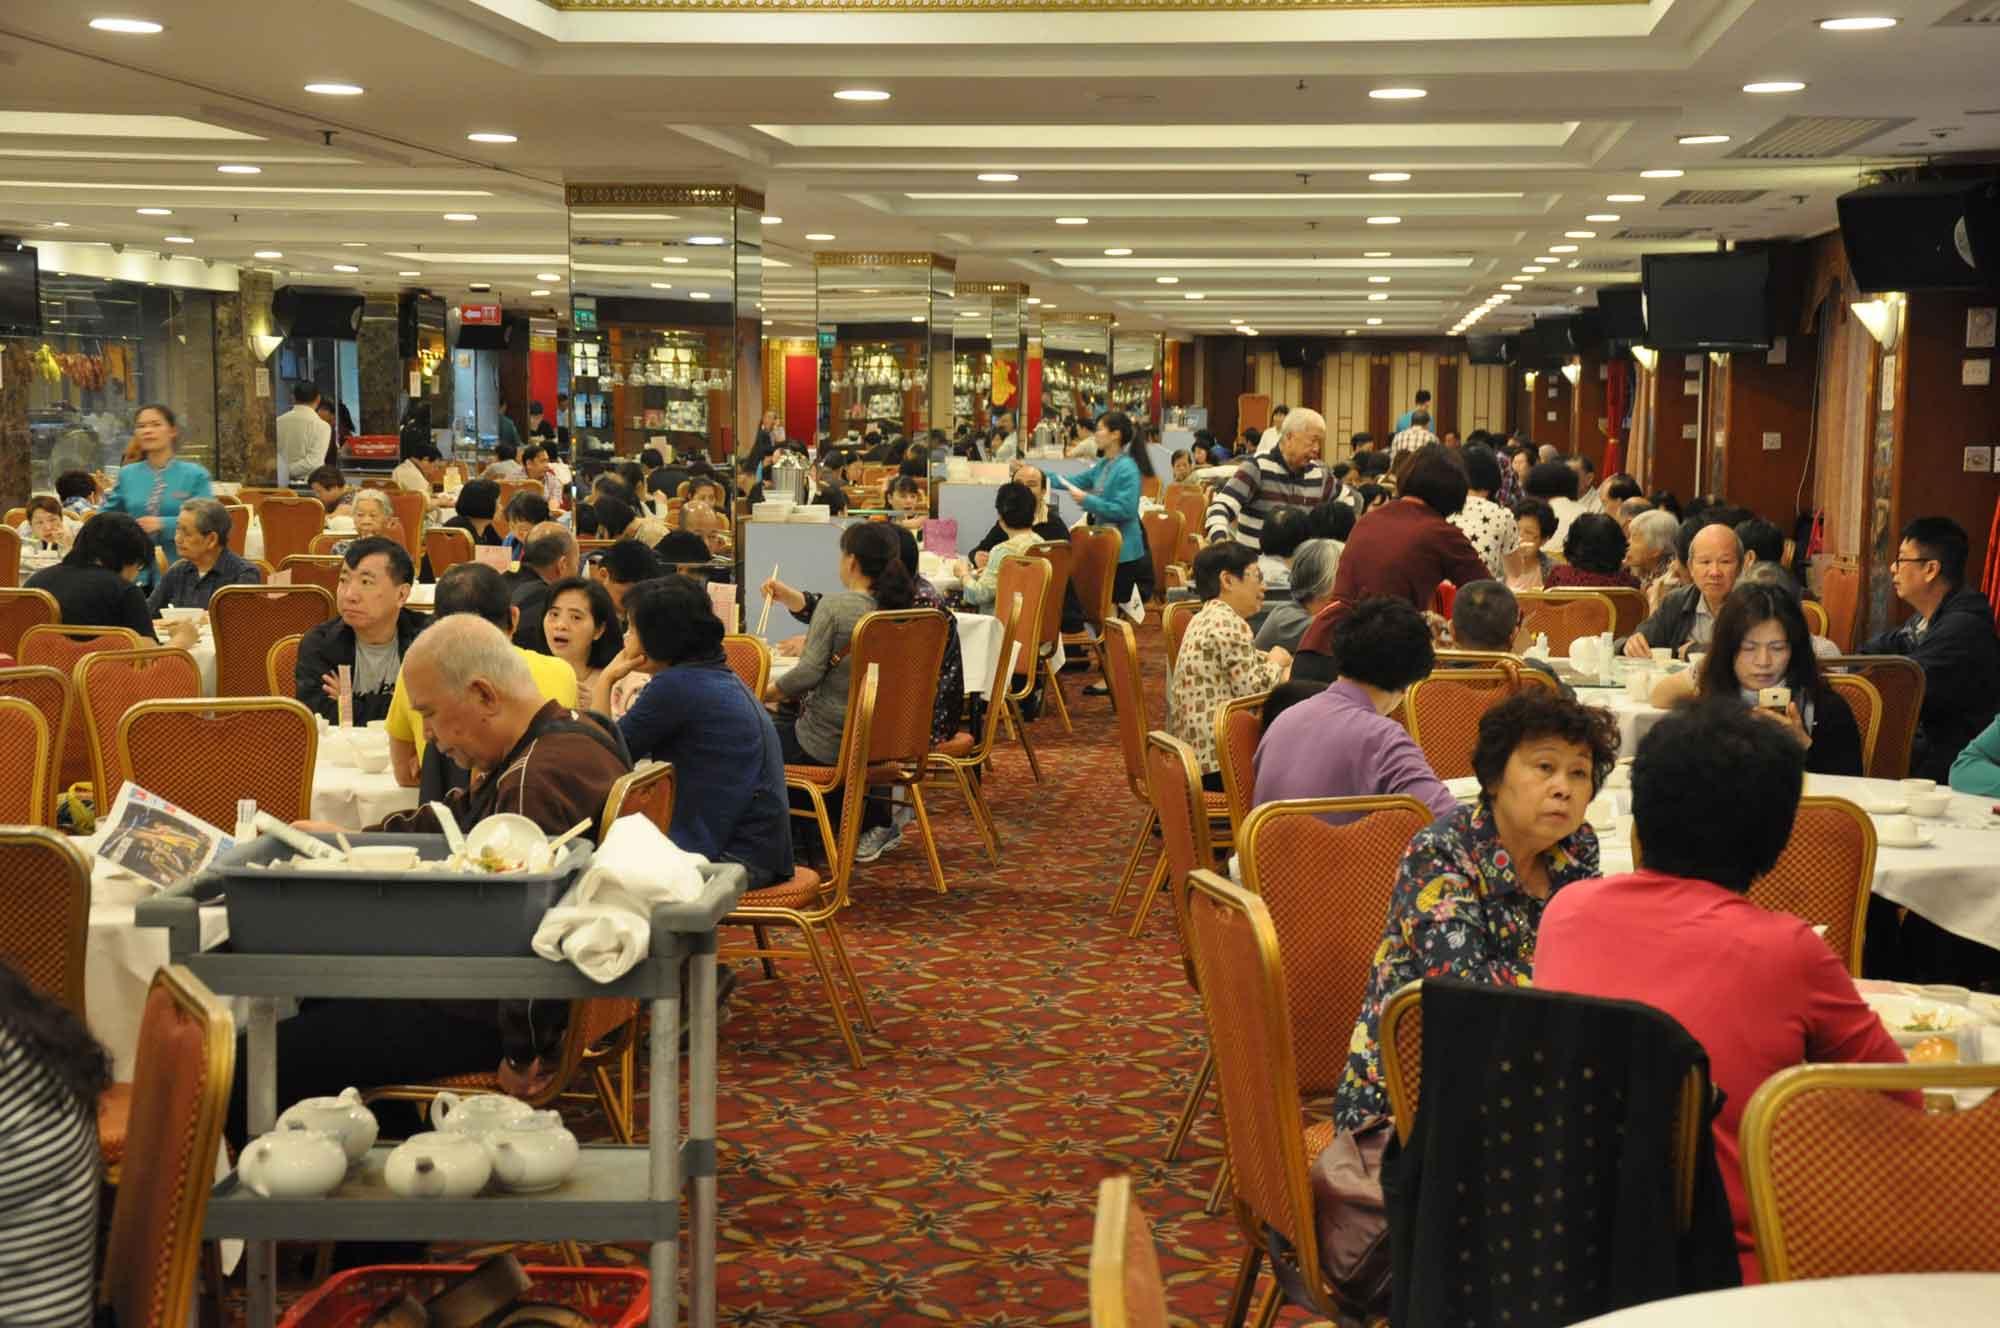 Ka Nin Wa Macau indoor seating